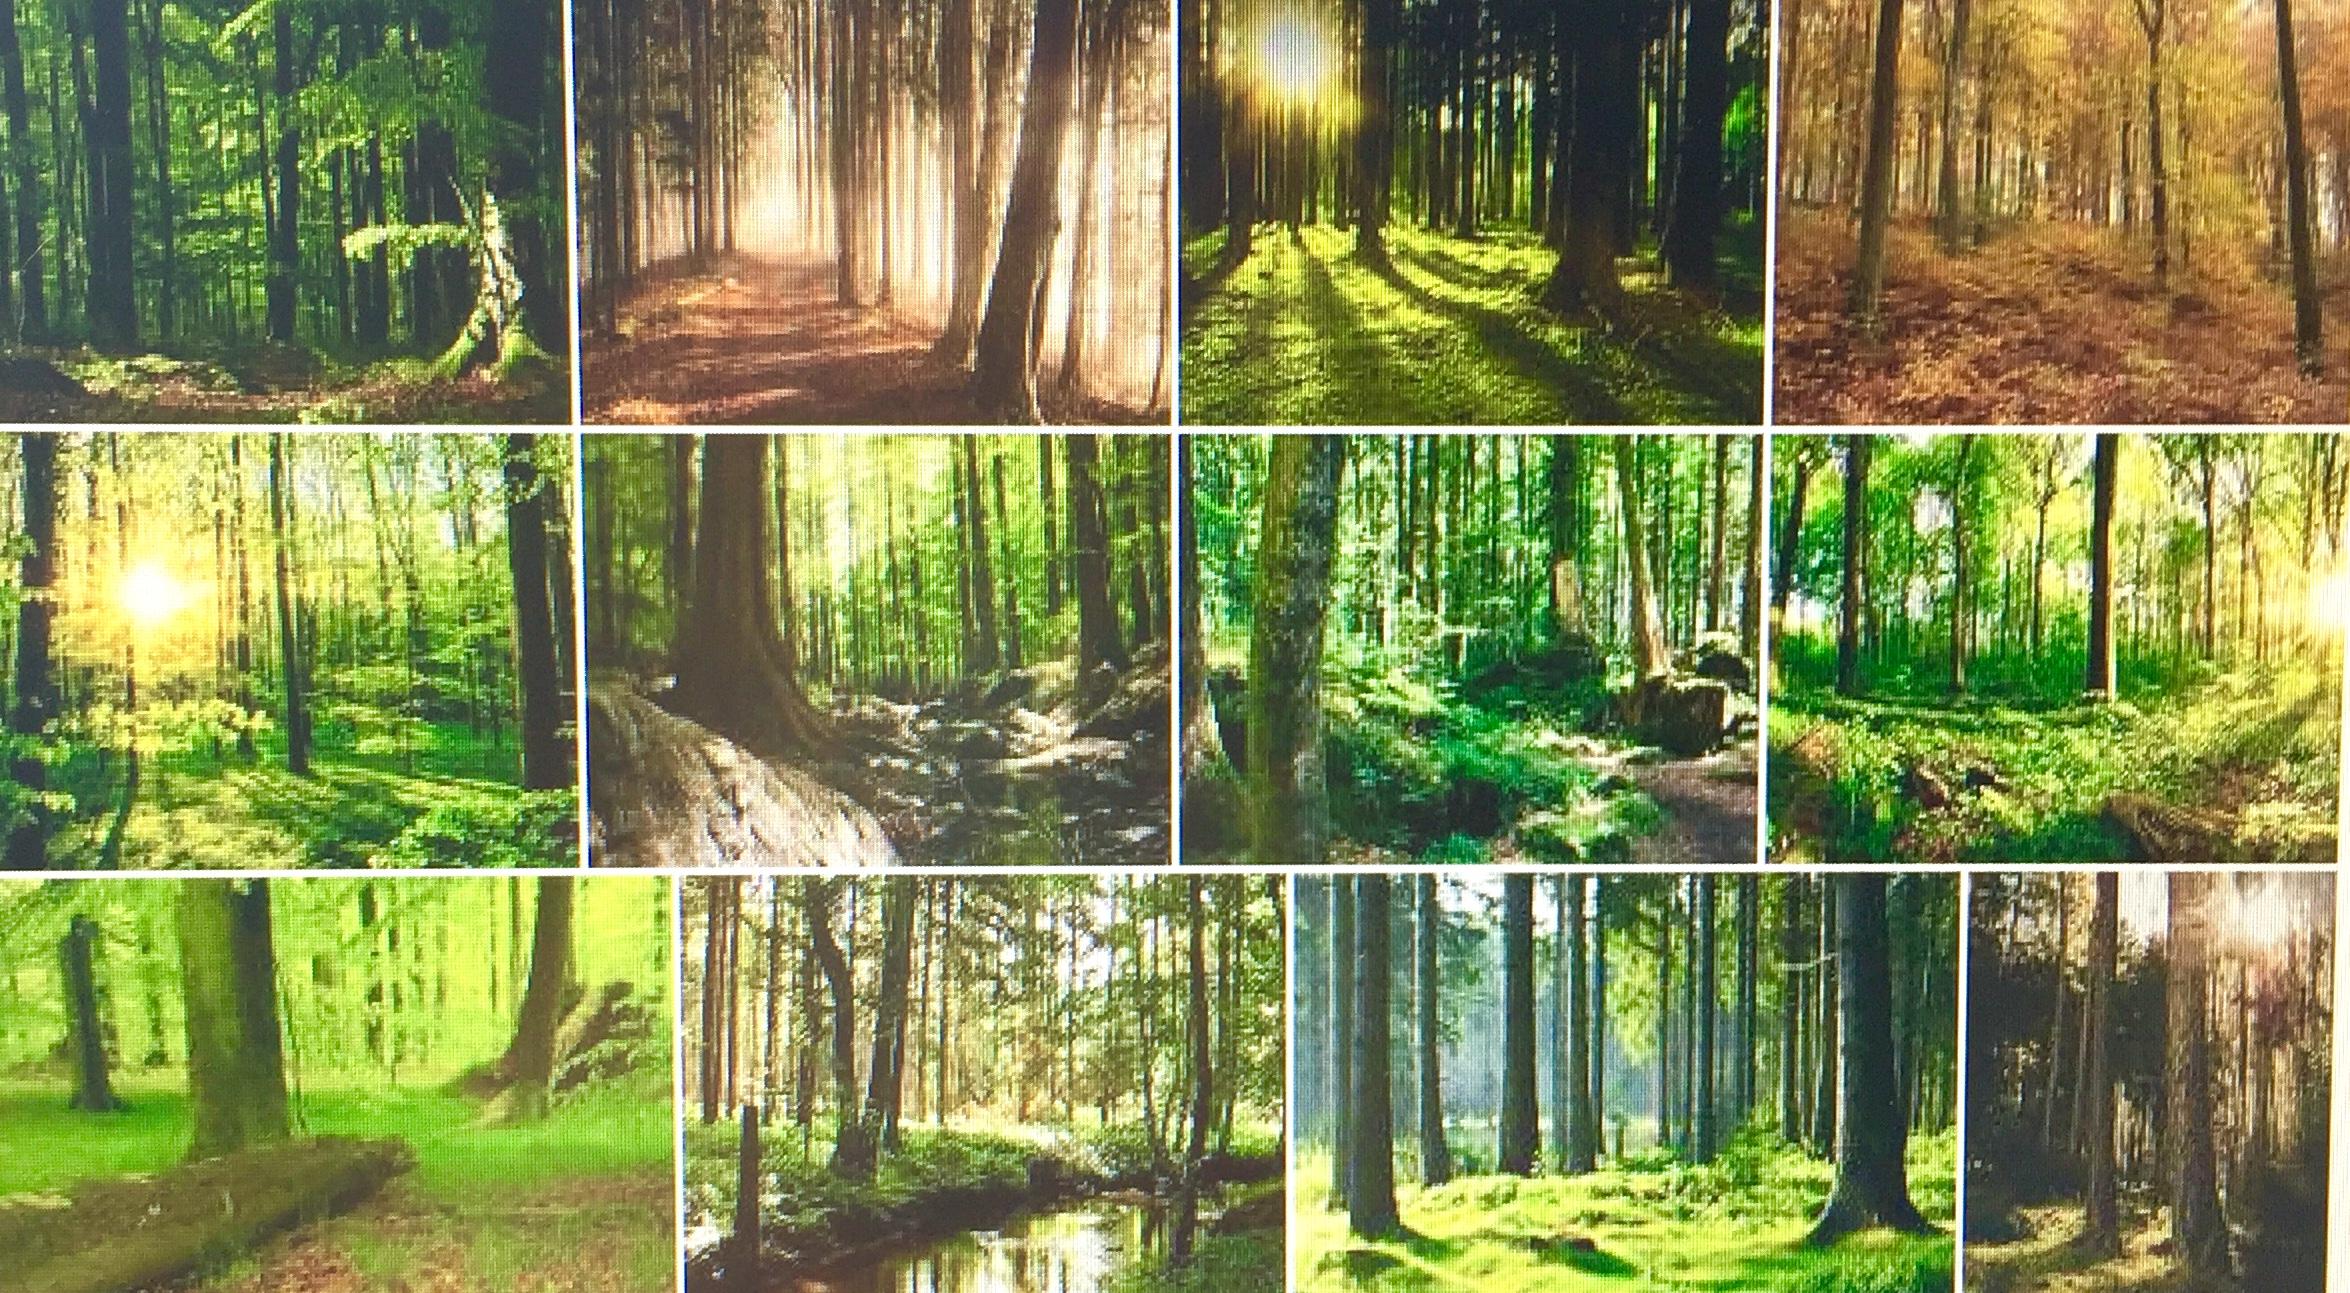 """Die Botschaft des Waldes: Umweltzerstörung bedeutet vor allem Selbstzerstörung — durch die Rückkehr zur Natur werden wir wieder vollständiger. In der Weltsicht der meisten Menschen, die ihnen von außen eingeflößt wird, stehen die Dinge auf dem Kopf. Denn der Mensch erscheint in ihr als ein von der Natur abgetrenntes und unabhängiges Wesen. Nichts und niemand kann seiner rücksichtslosen Umweltzerstörung somit Einhalt gebieten, am wenigsten die Natur selbst. Dabei sieht die Wirklichkeit eigentlich ganz anders aus. Die Natur ist belebt und beseelt. Sie ist nichts, was außerhalb von uns existieren würde, wie der Begriff """"Umwelt"""" suggeriert. Die enge Gemeinschaft mit dem nichtmenschlichen Leben ist in unserem kollektiven Unbewussten verankert. Dass wir sie teilweise verlassen und gar die Wurzeln gekappt haben, die uns nähren, ist Ursache für viele Krankheitssymptome individueller wie kollektiver Natur. Dies ist aber kein Grund, die Hoffnung zu verlieren, denn es gibt für uns alle den Weg der Umkehr. Dieser würde helfen, eine Gesellschaft im Einklang mit uns selbst und unserer Umgebung zu begründen. Von Immanuel Meyer (neueszeitalterblog); www.progression.at"""